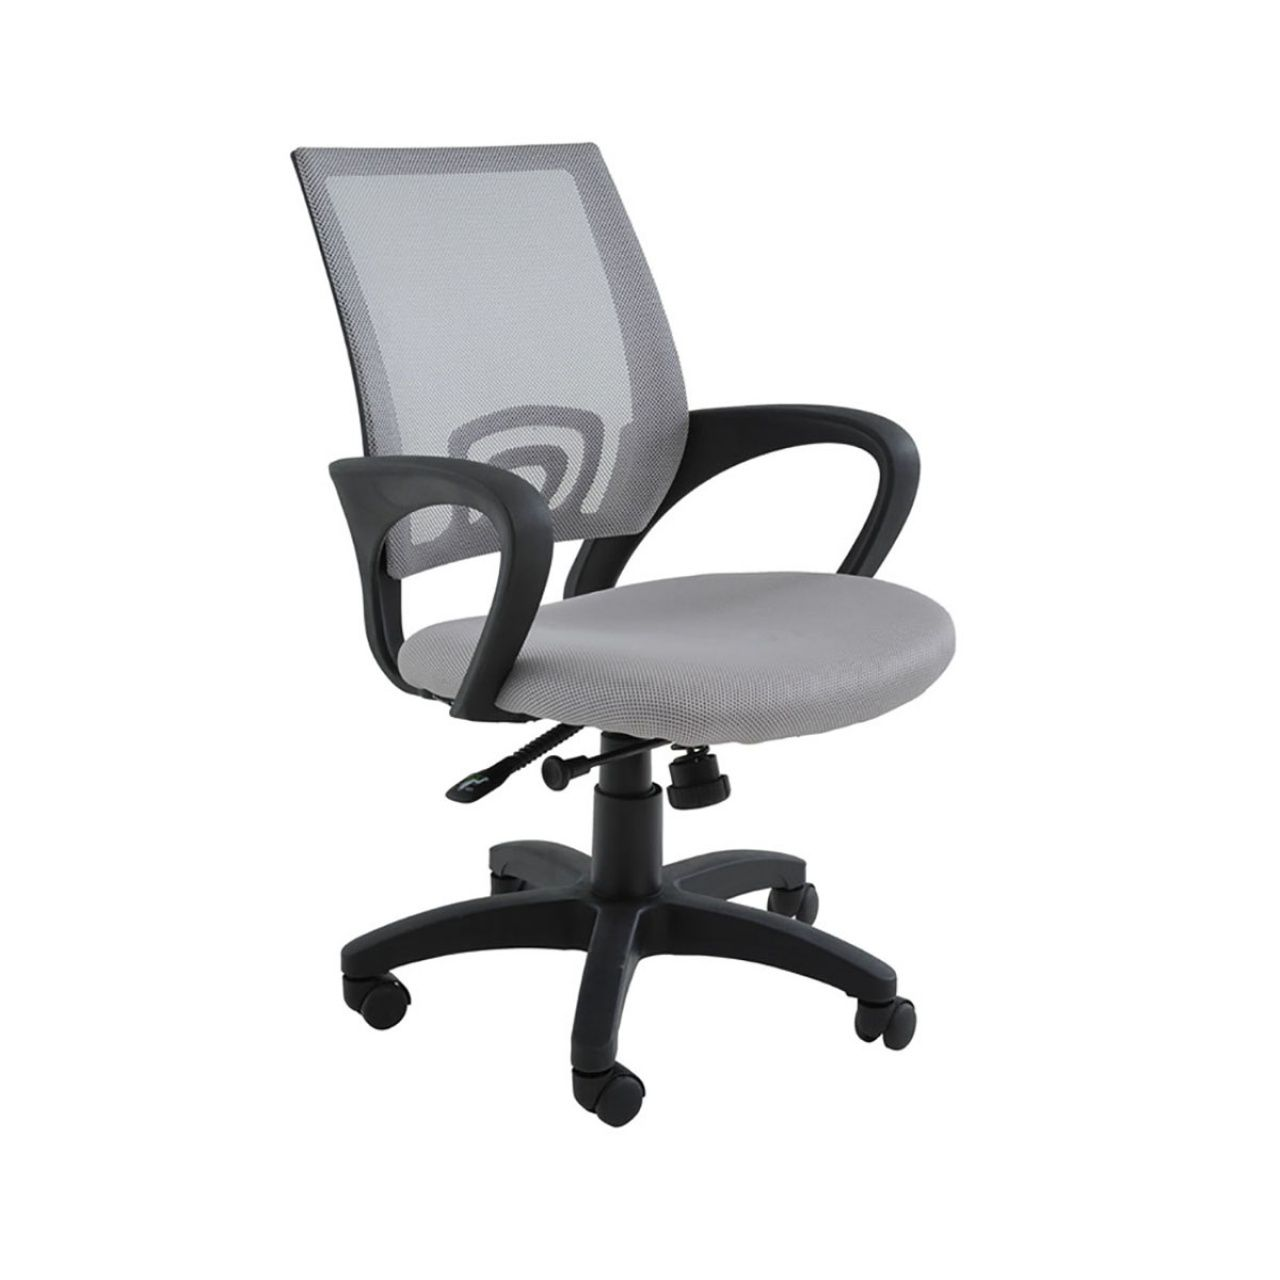 Cadeira de escrit rio pierre girat ria dekhome for Escritorio ergonomico caracteristicas